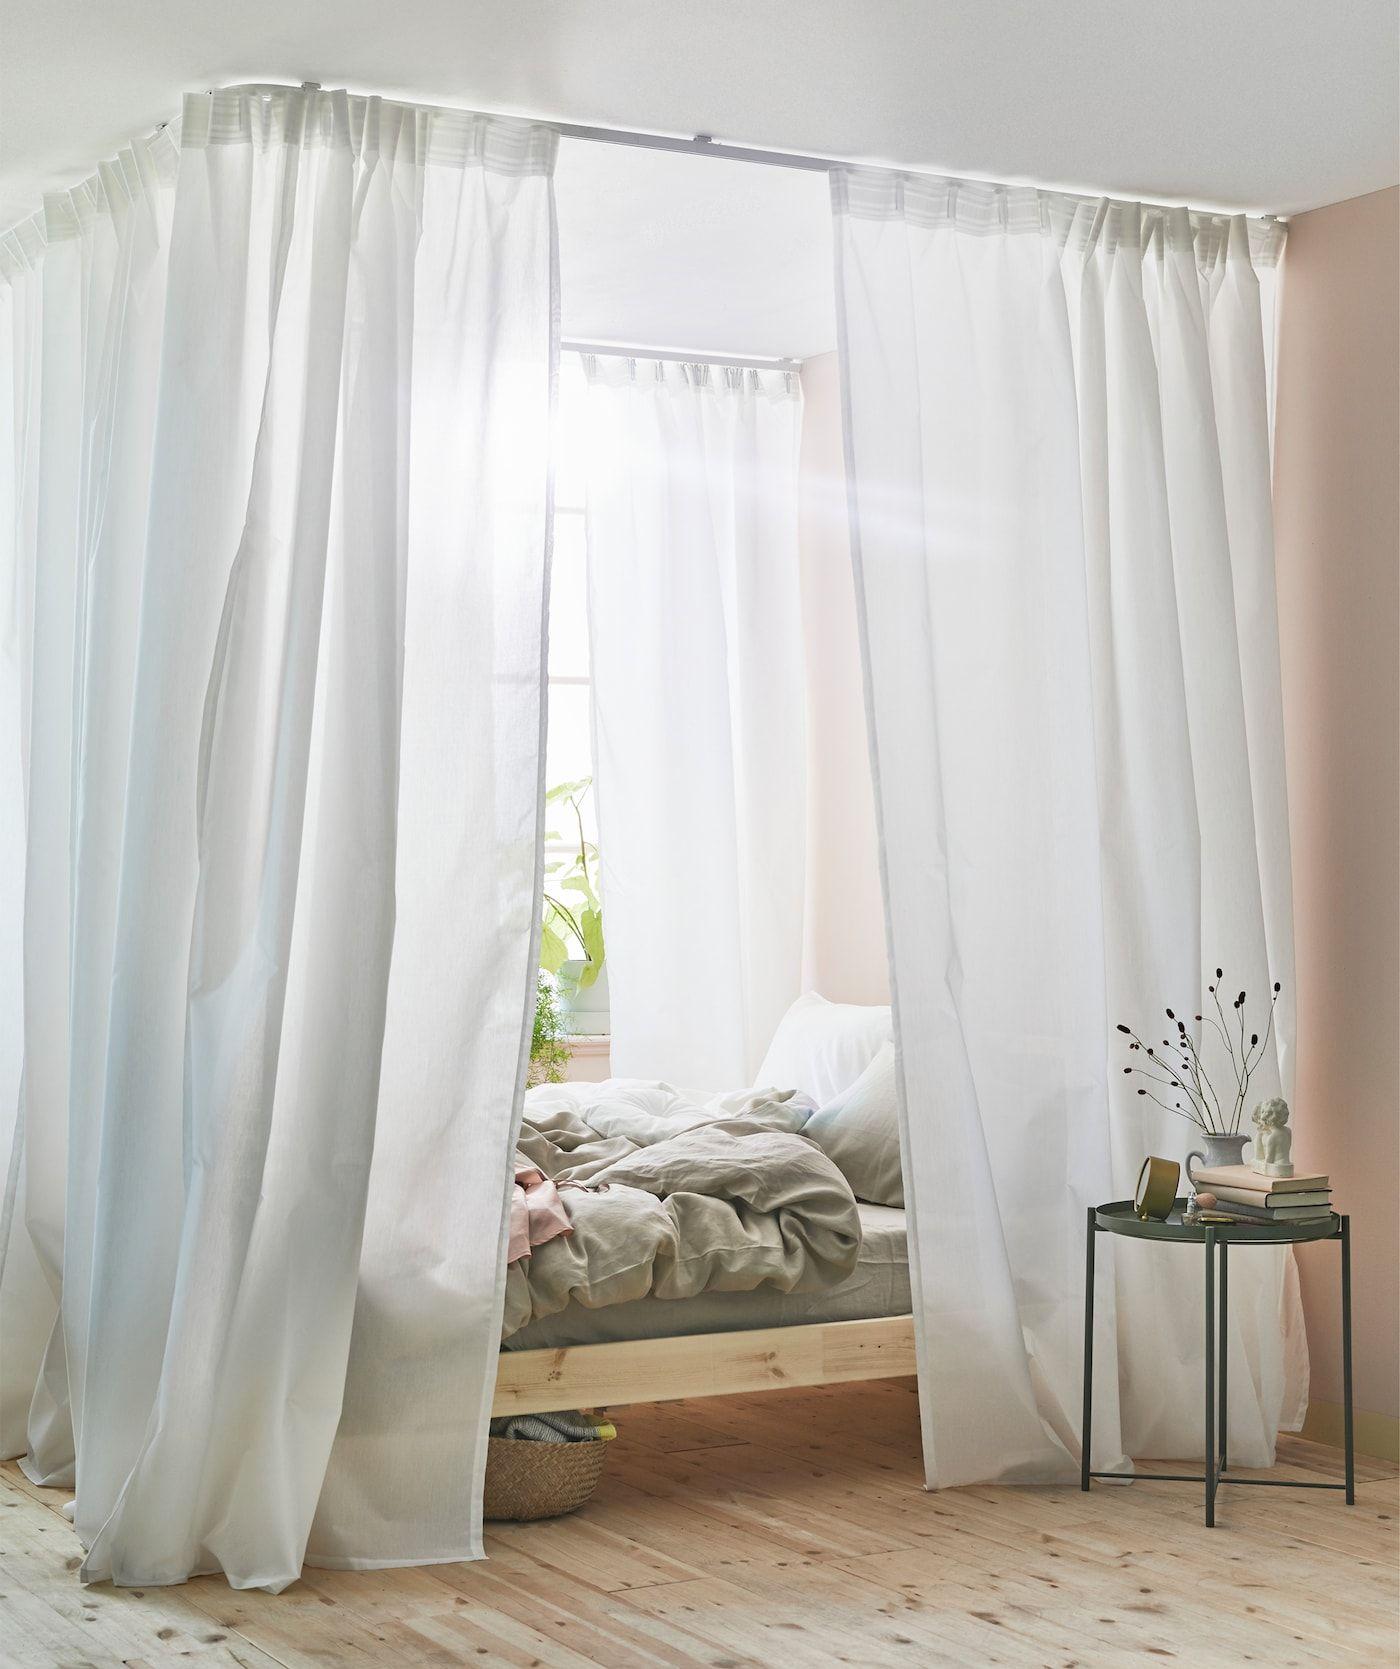 Gardinen Im Schlafzimmer Mit Vigda Leicht Gemacht Ikea Bed